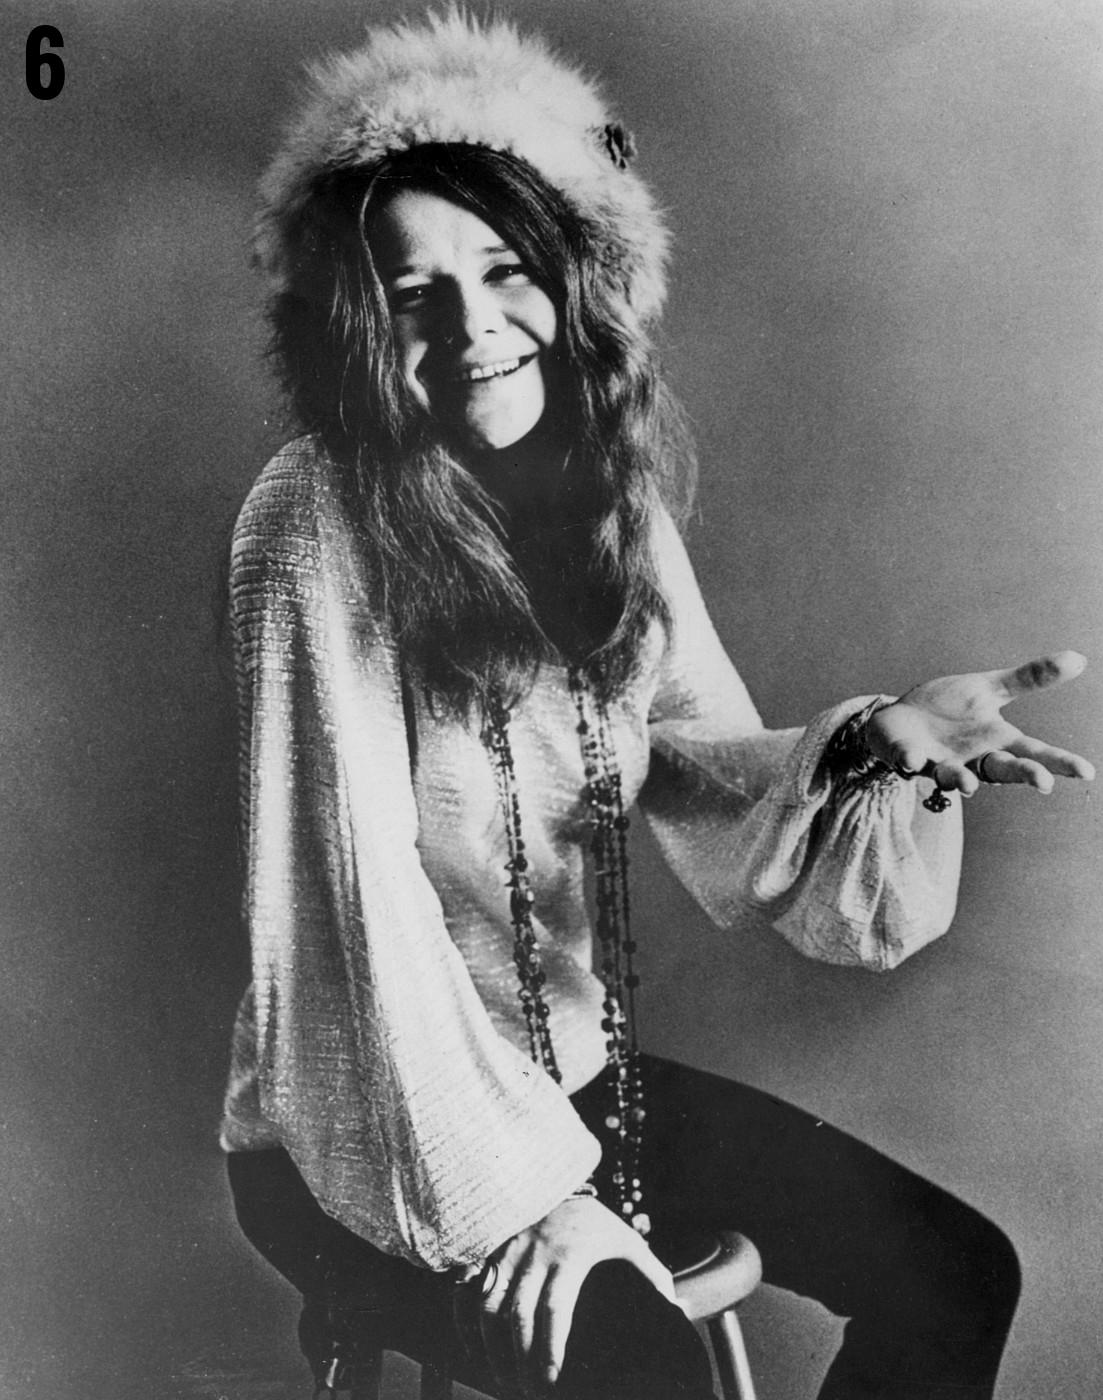 Janis_Joplin_seated_1970.jpg